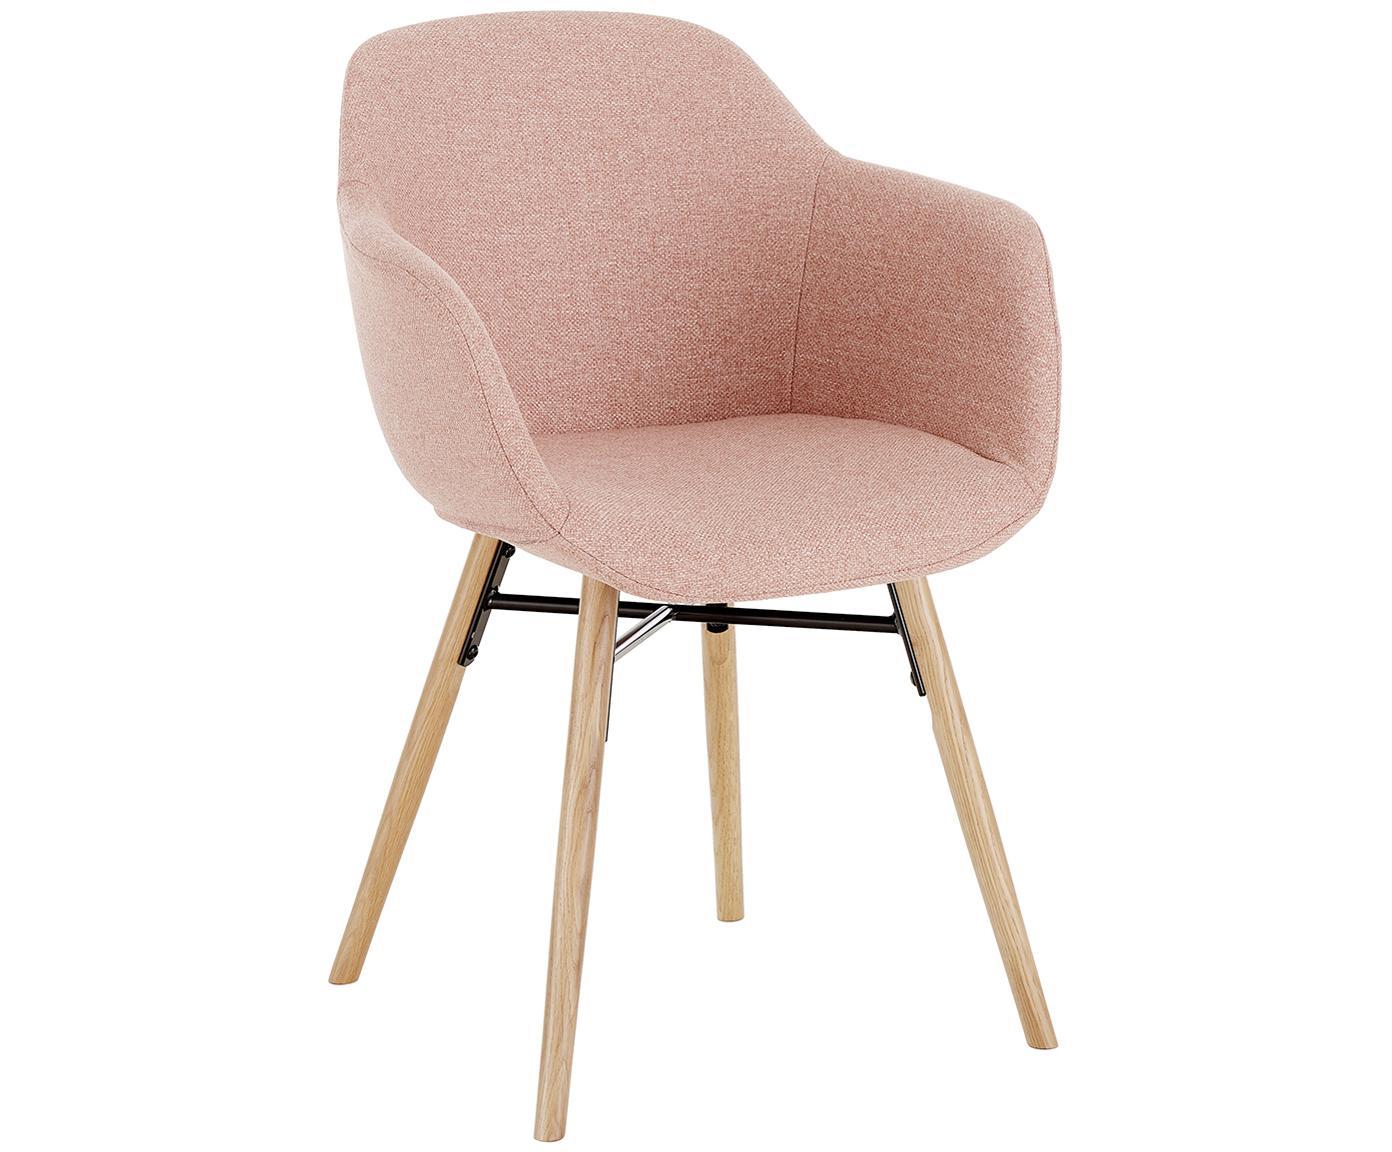 Krzesło tapicerowane Fiji, Tapicerka: poliester 40 000 cykli w , Nogi: lite drewno dębowe, Siedzisko: blady różowy Nogi: drewno dębowe, S 59 x G 55 cm